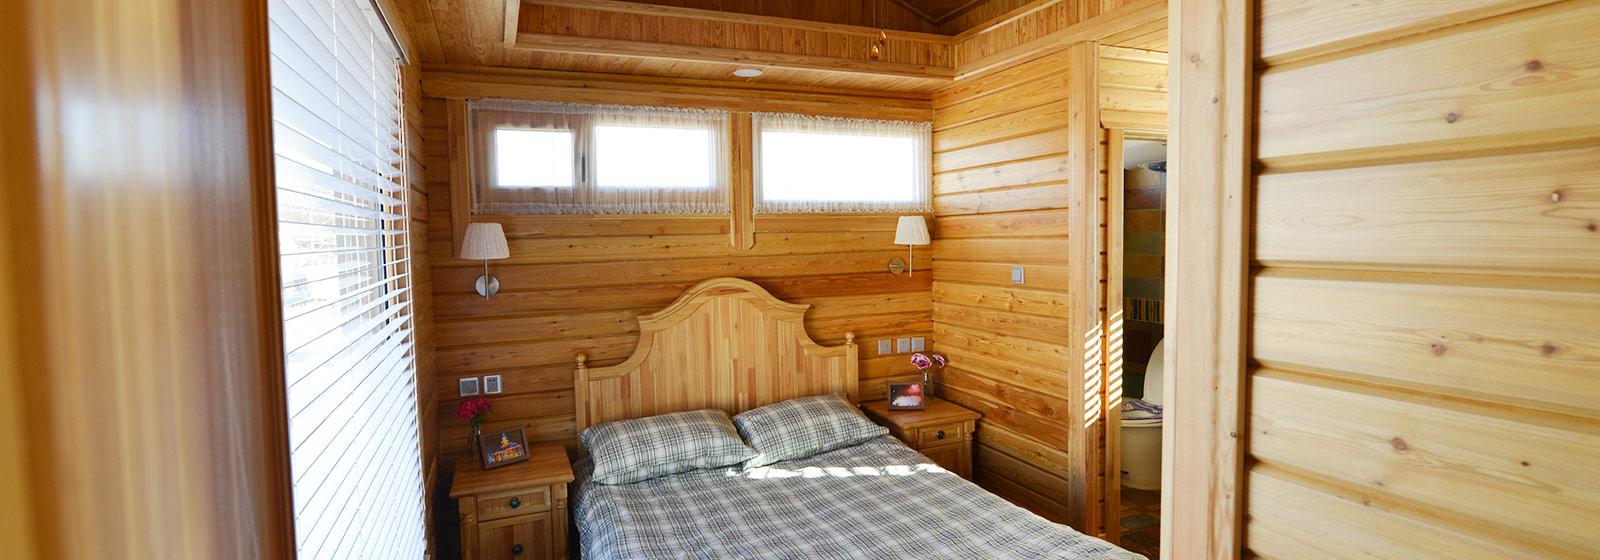 木屋卧室展示